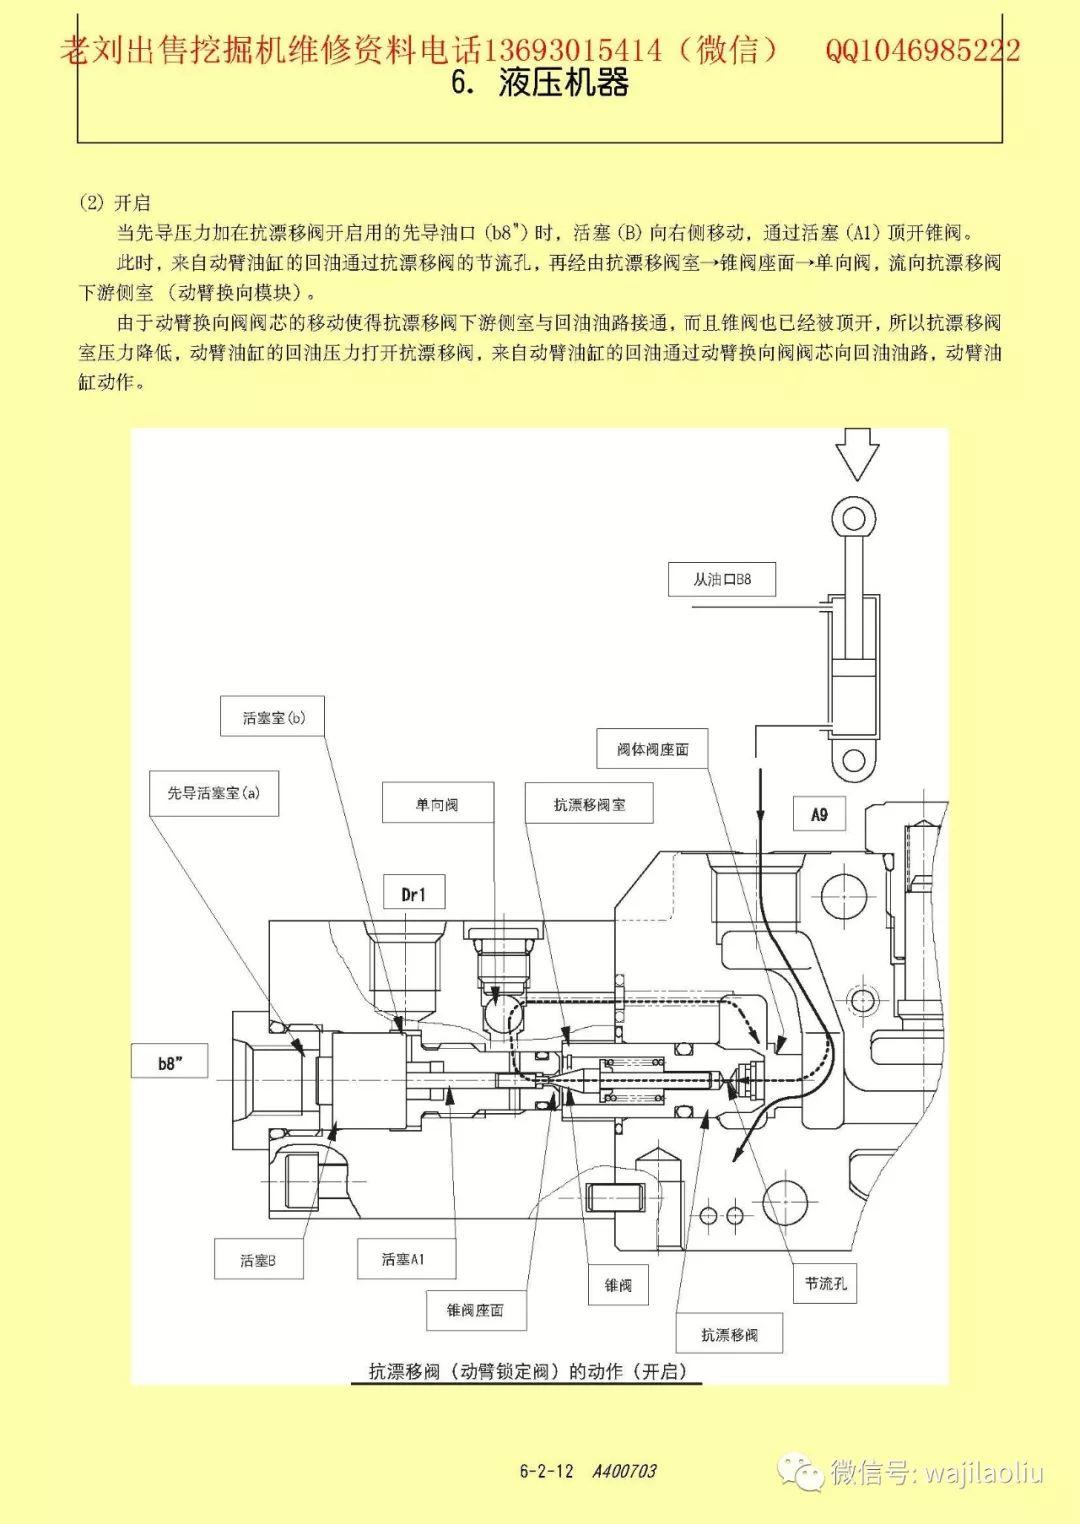 乱莎的原理_总结一下   很多加装师傅对加装车辆的电控系统控制策略,结构原理并不了解,或者了解不够,同时也没有规范的加装改装操作规范,对撕拉乱接导